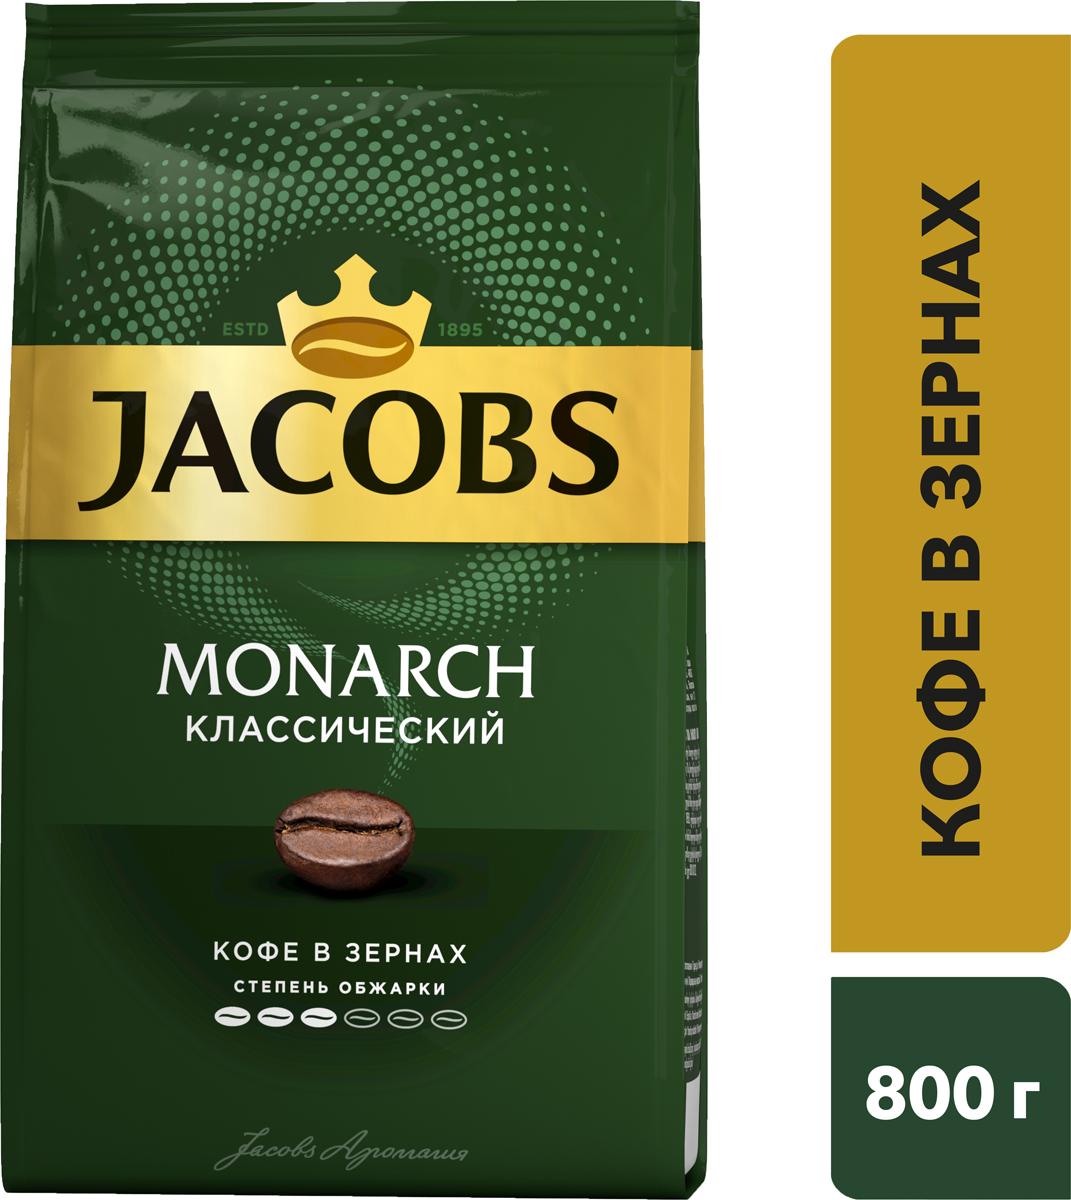 Jacobs Monarch кофе в зернах, 800 г4251757Легендарный бренд Якобс начинает свою историю в 1895 году в Германии, когда предприниматель Йохан Якобс открыл на главной торговой улице Бремена новый специализированный кофейный магазин, который тут же завоевал популярность.Секрет несравненного вкуса кофе - в сочетании специально отобранных кофейных зерен из Латинской Америки и Азии и тщательной обжарки, придающей кофе Jacobs Monarch крепость и восхитительный аромат.Кофе: мифы и факты. Статья OZON Гид